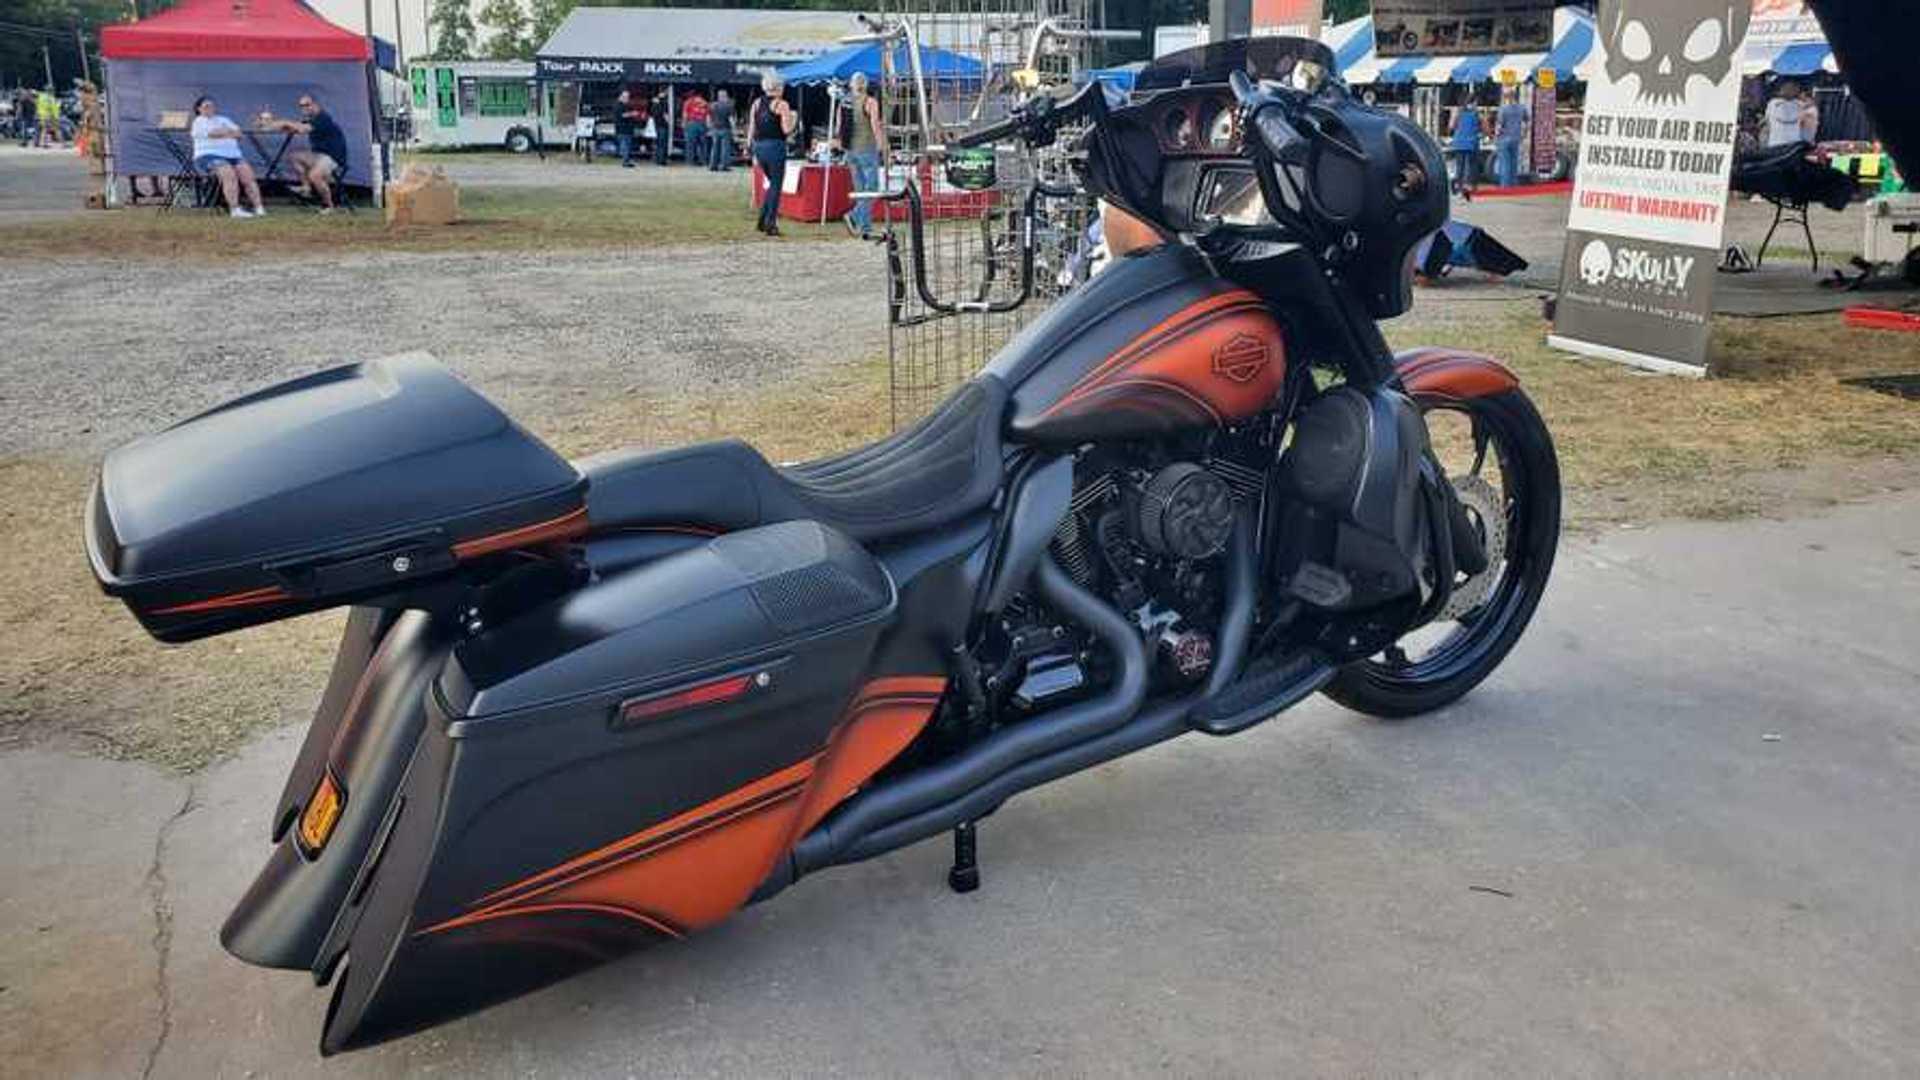 Sas Air Ride Suspension Wiring Diagram. . Wiring Diagram Harley Air Ride Wiring Diagram on